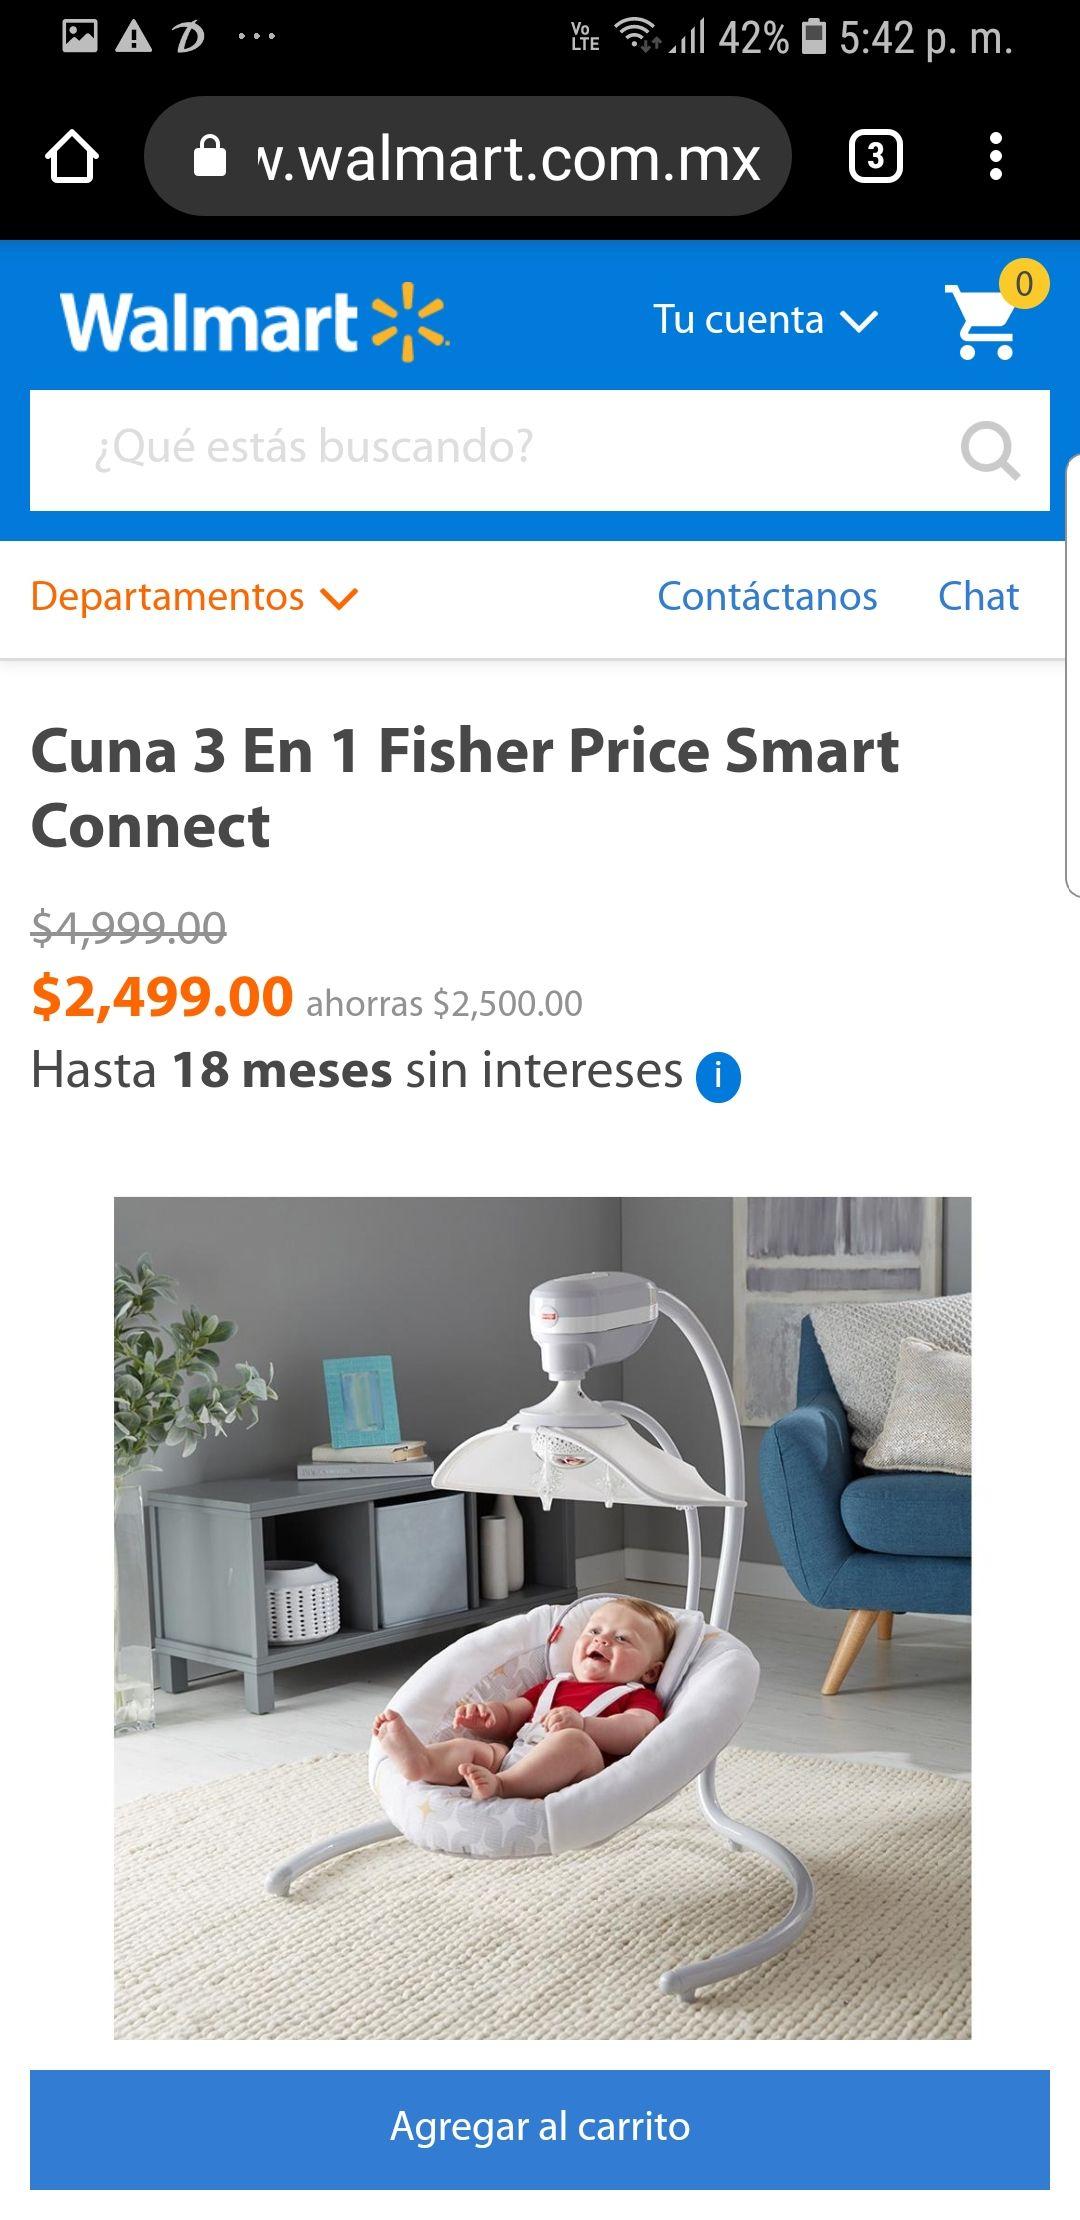 Walmart Varios  articulos para la bendicion a mitad de precio